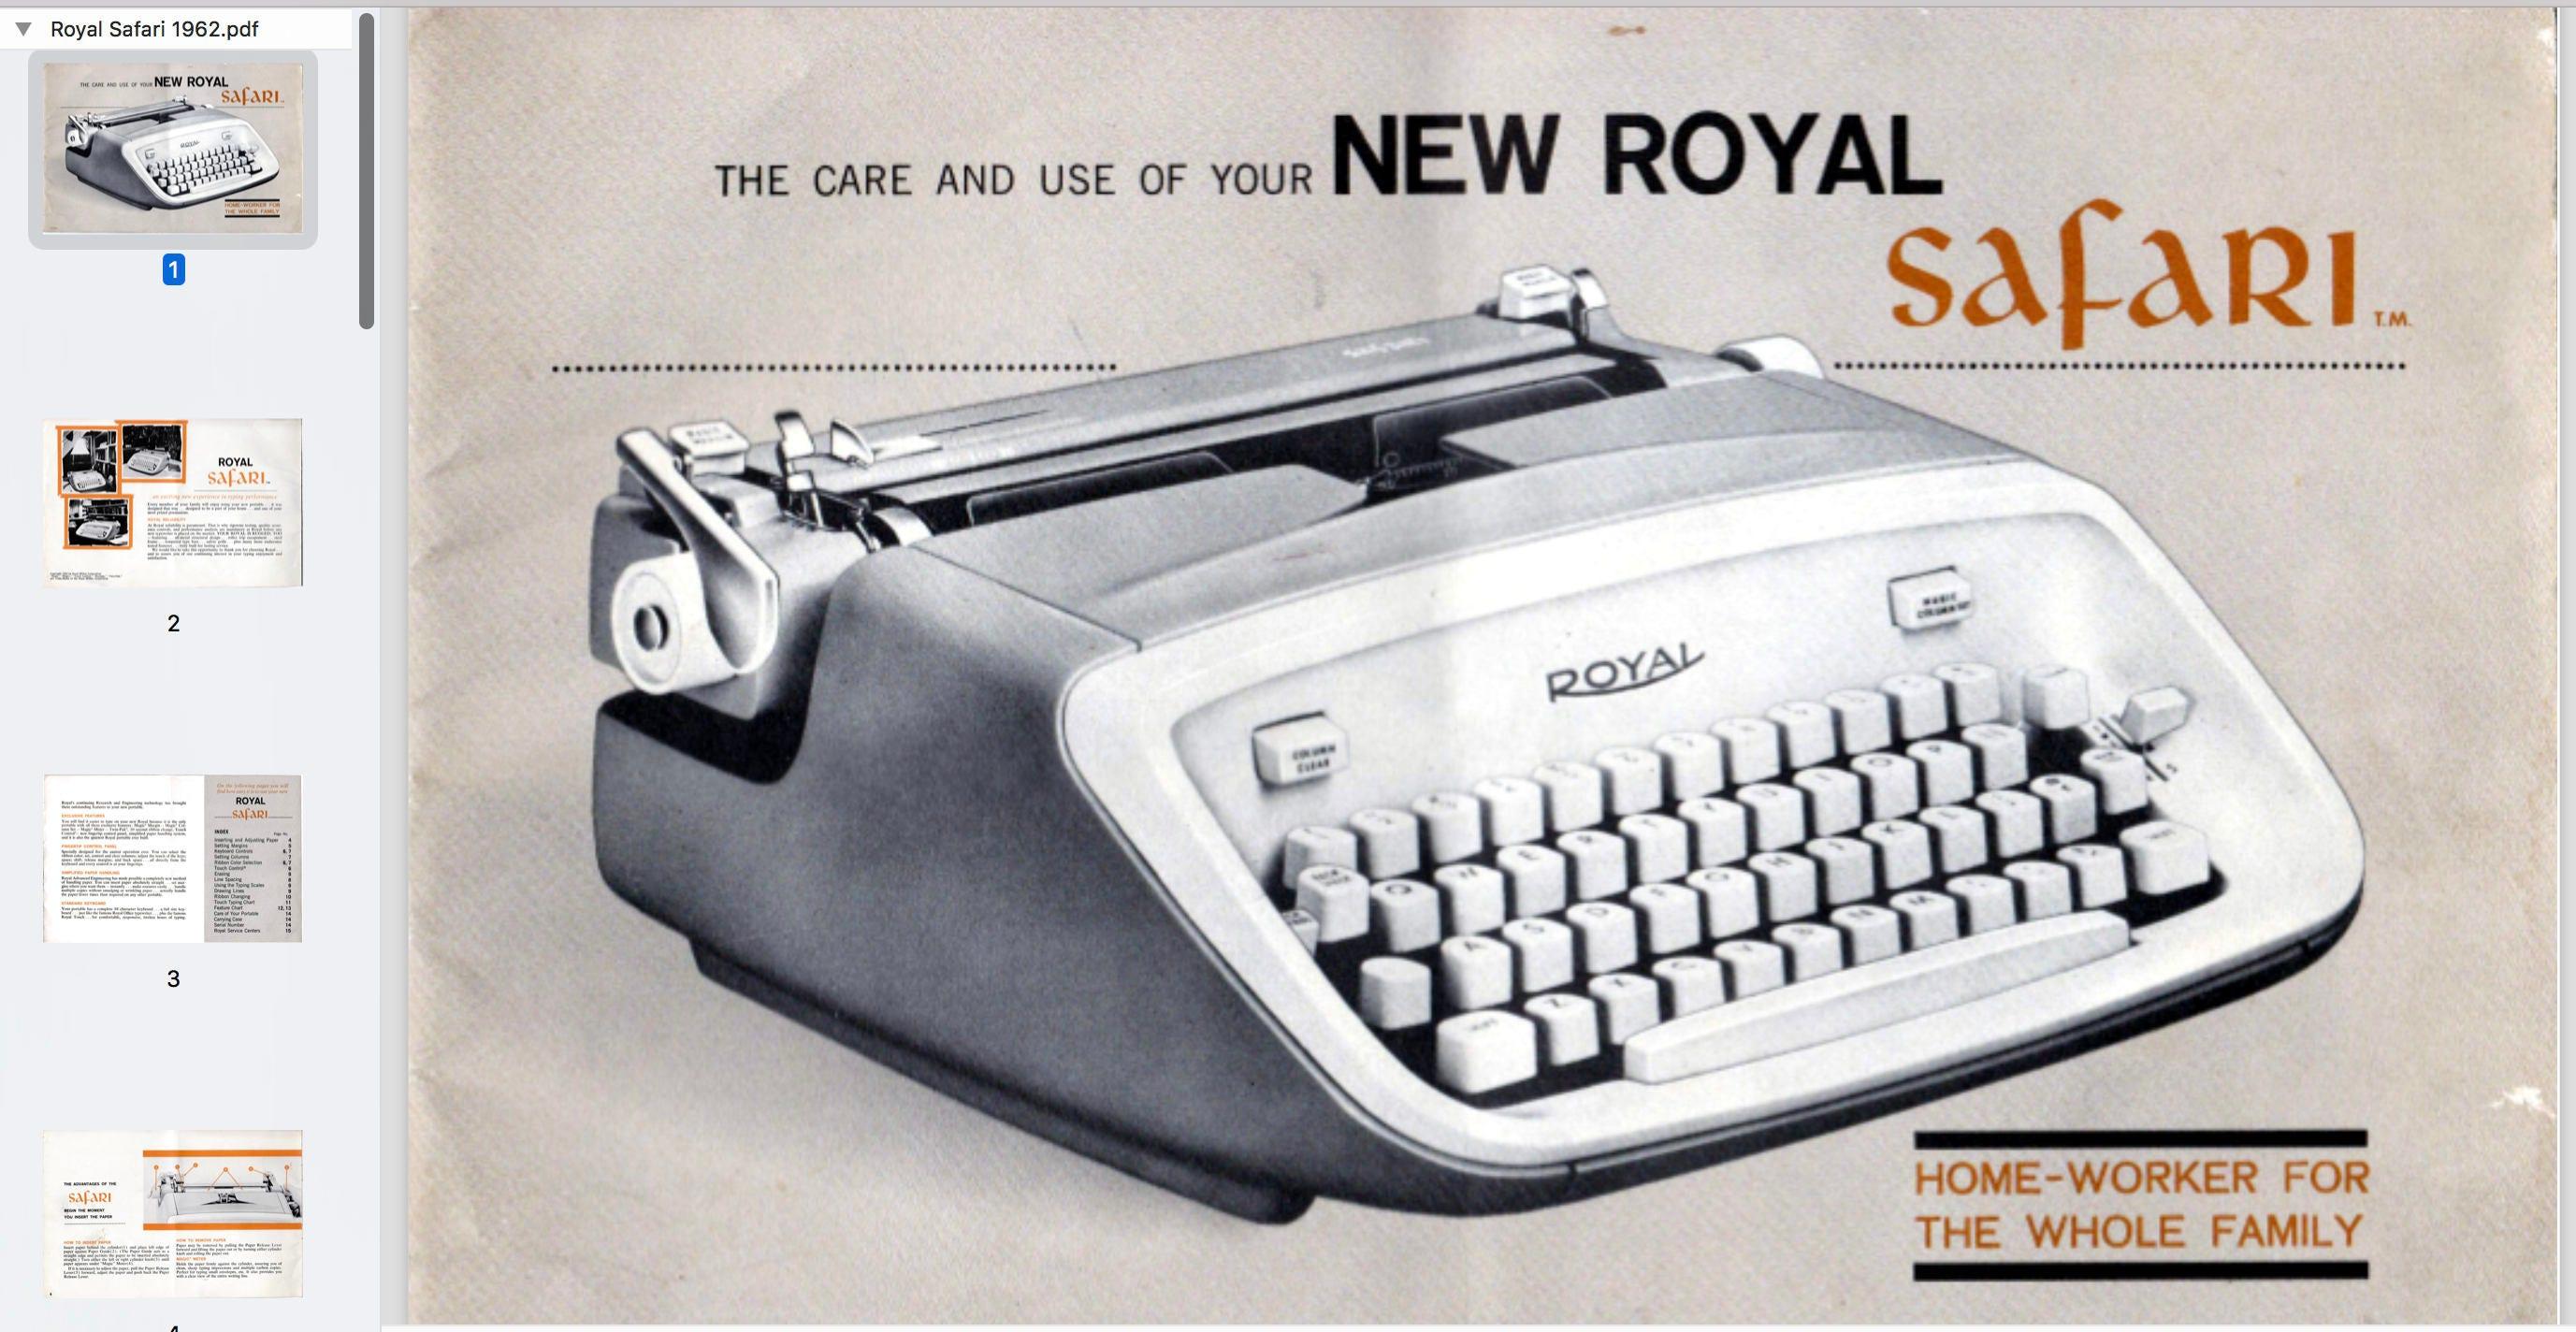 ... Array - royal futura 800 instruction manual rh royal futura 800  instruction manual angelayu us